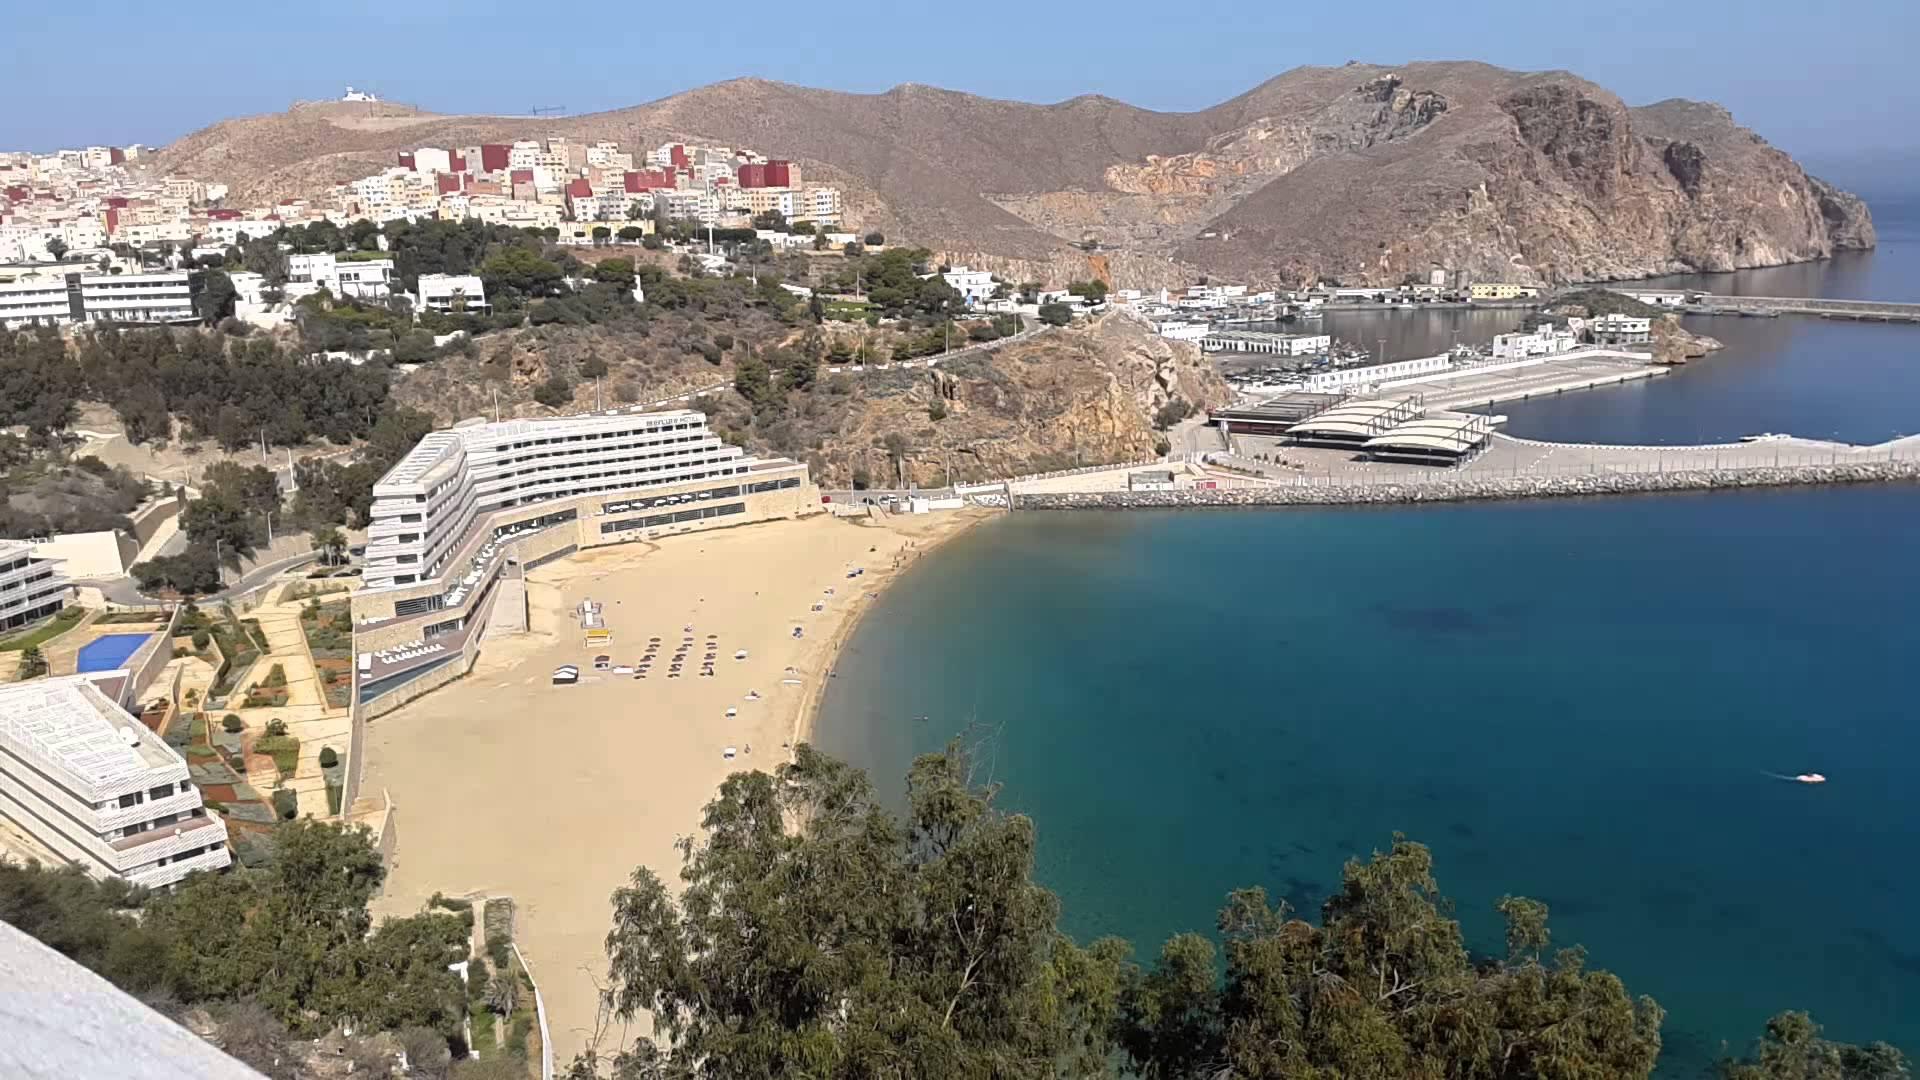 أزرقان: إقليم الحسيمة يتوفر على مؤهلات كبيرة وواعدة تؤهله للتموقع كوجهة سياحية بارزة على المستوى الوطني